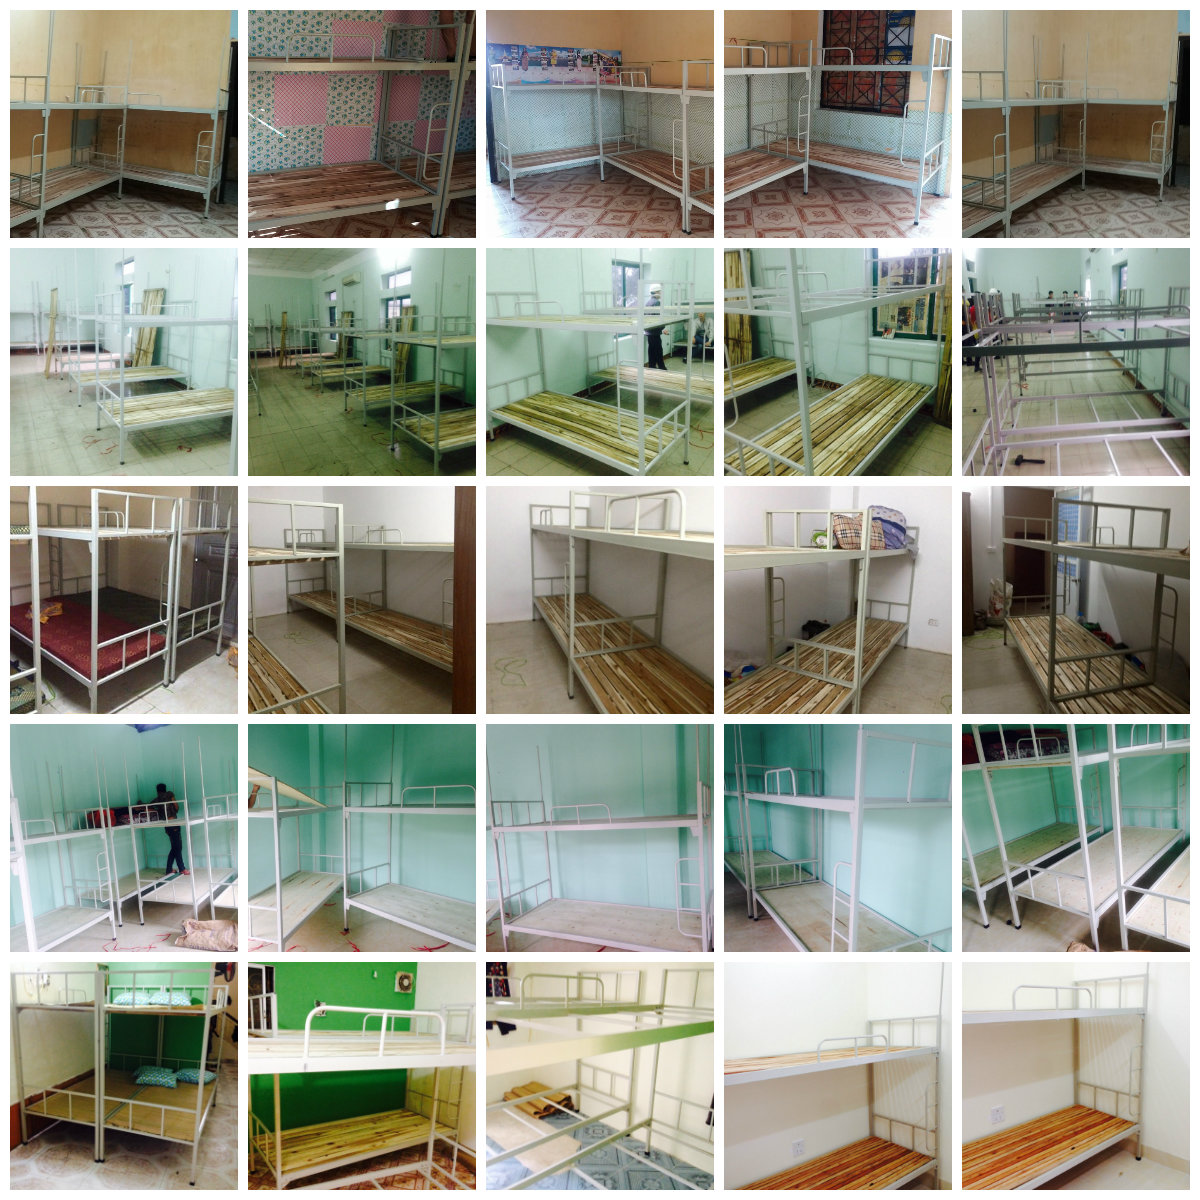 6 Chuyên sản xuất giường tầng sắt, giường tầng inox trường học,khu lưu trú,nhà ở công nhân viên giá rẻ